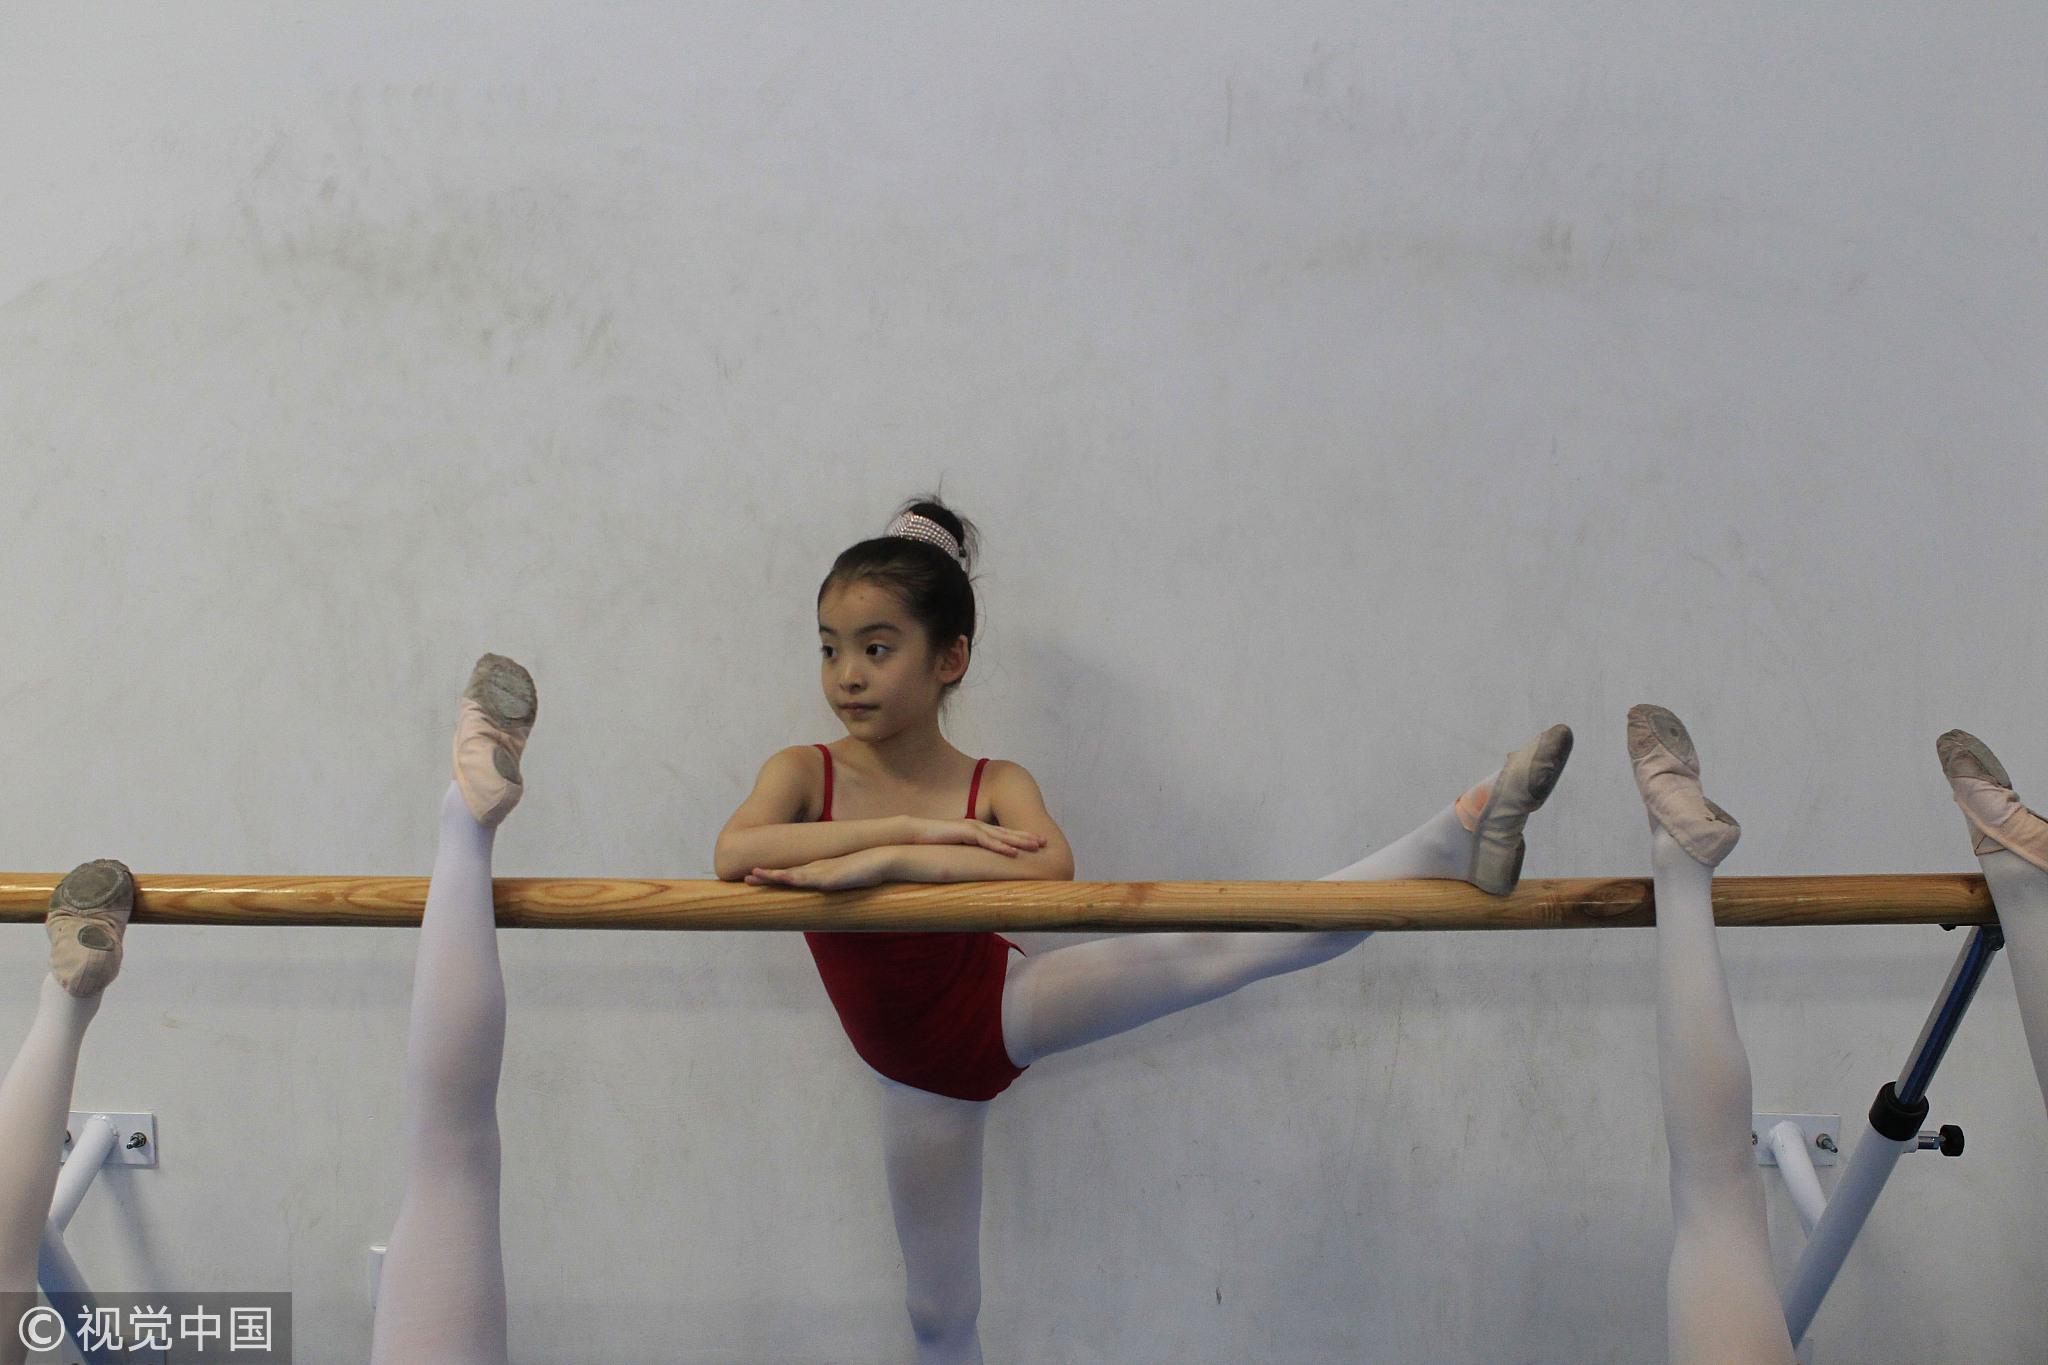 2018-11-15晚上,西安某舞蹈教室。该班有30多人,参加3个以上辅导班的有20多人。 / 视觉中国